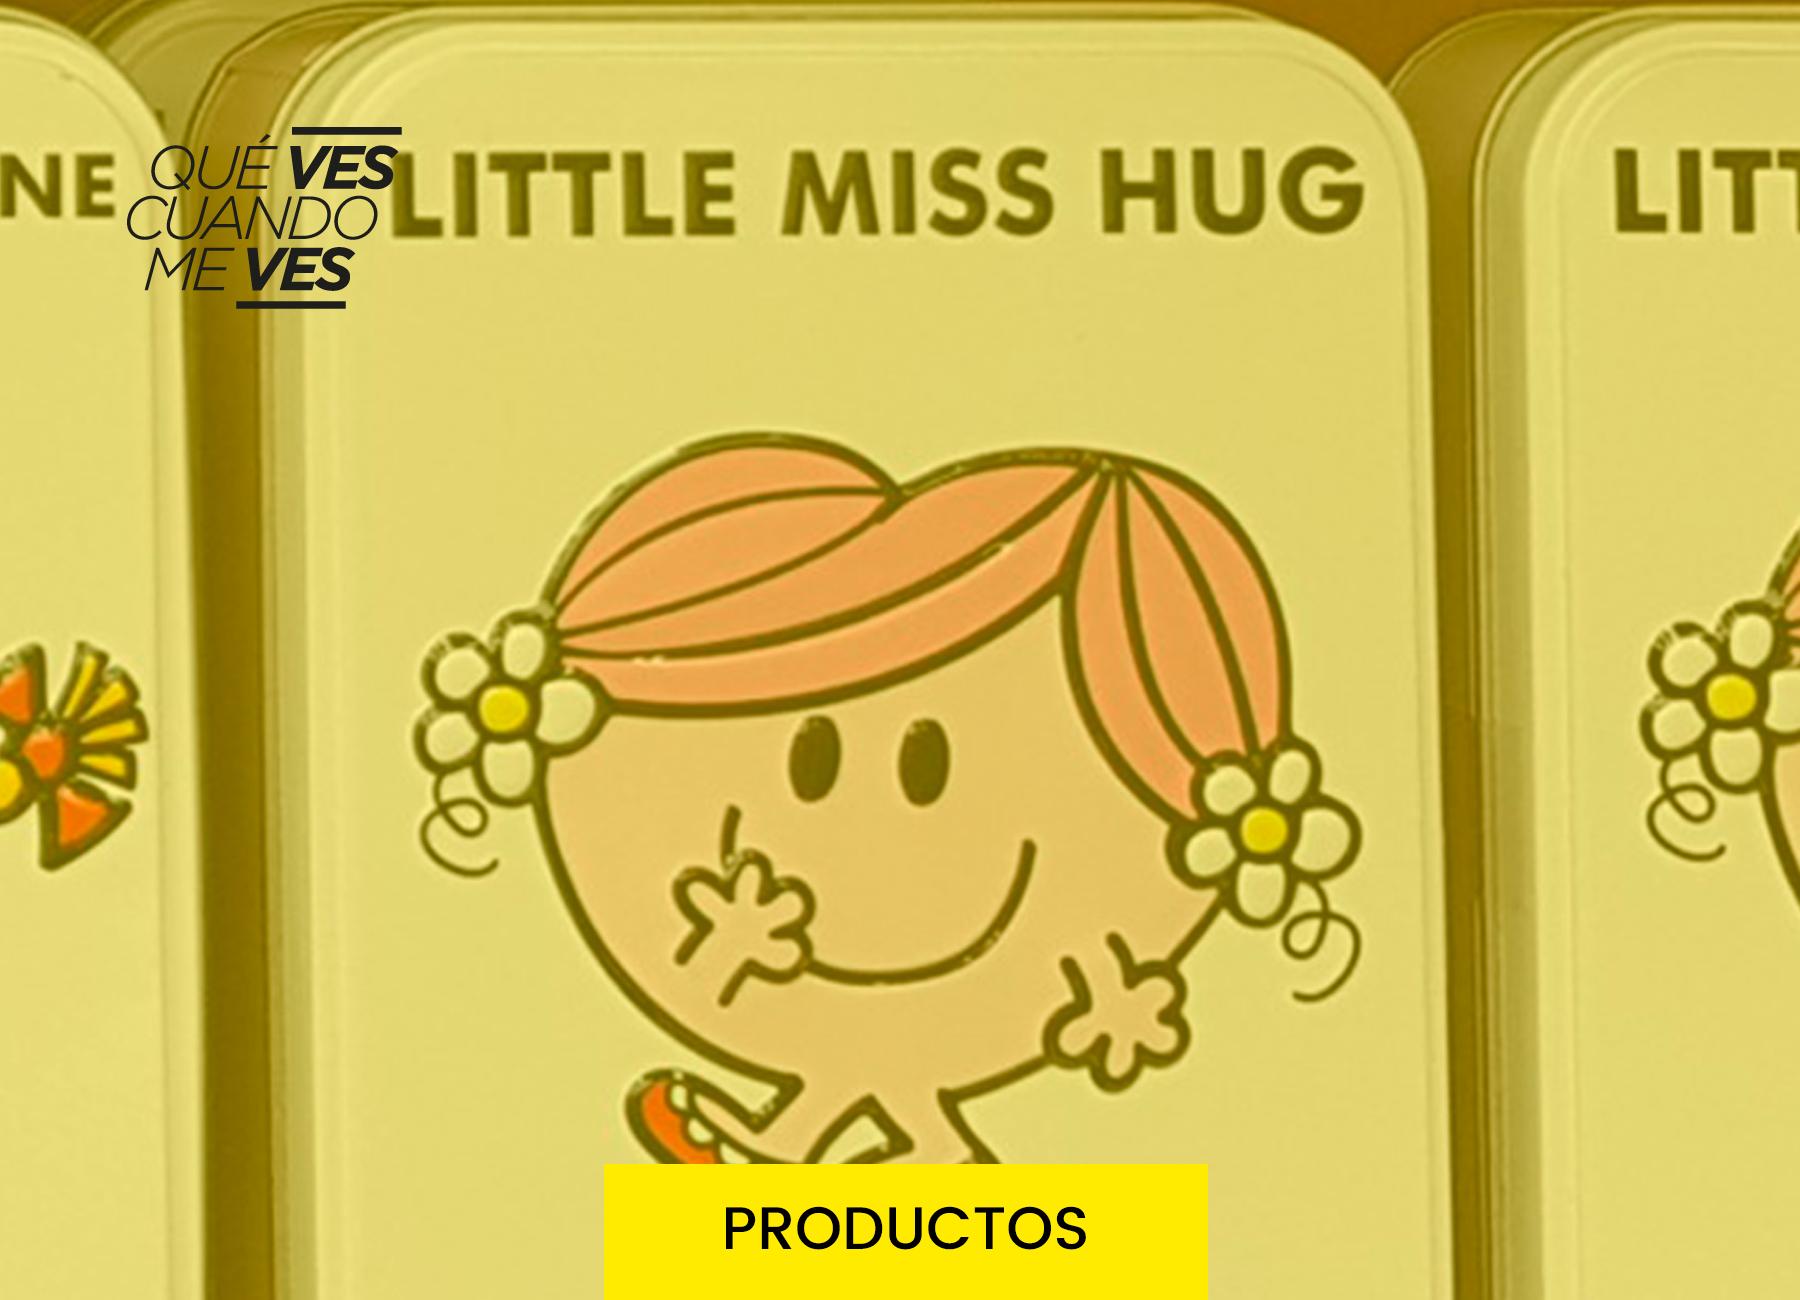 El packaging: ¡principal vendedor de nuestro producto!